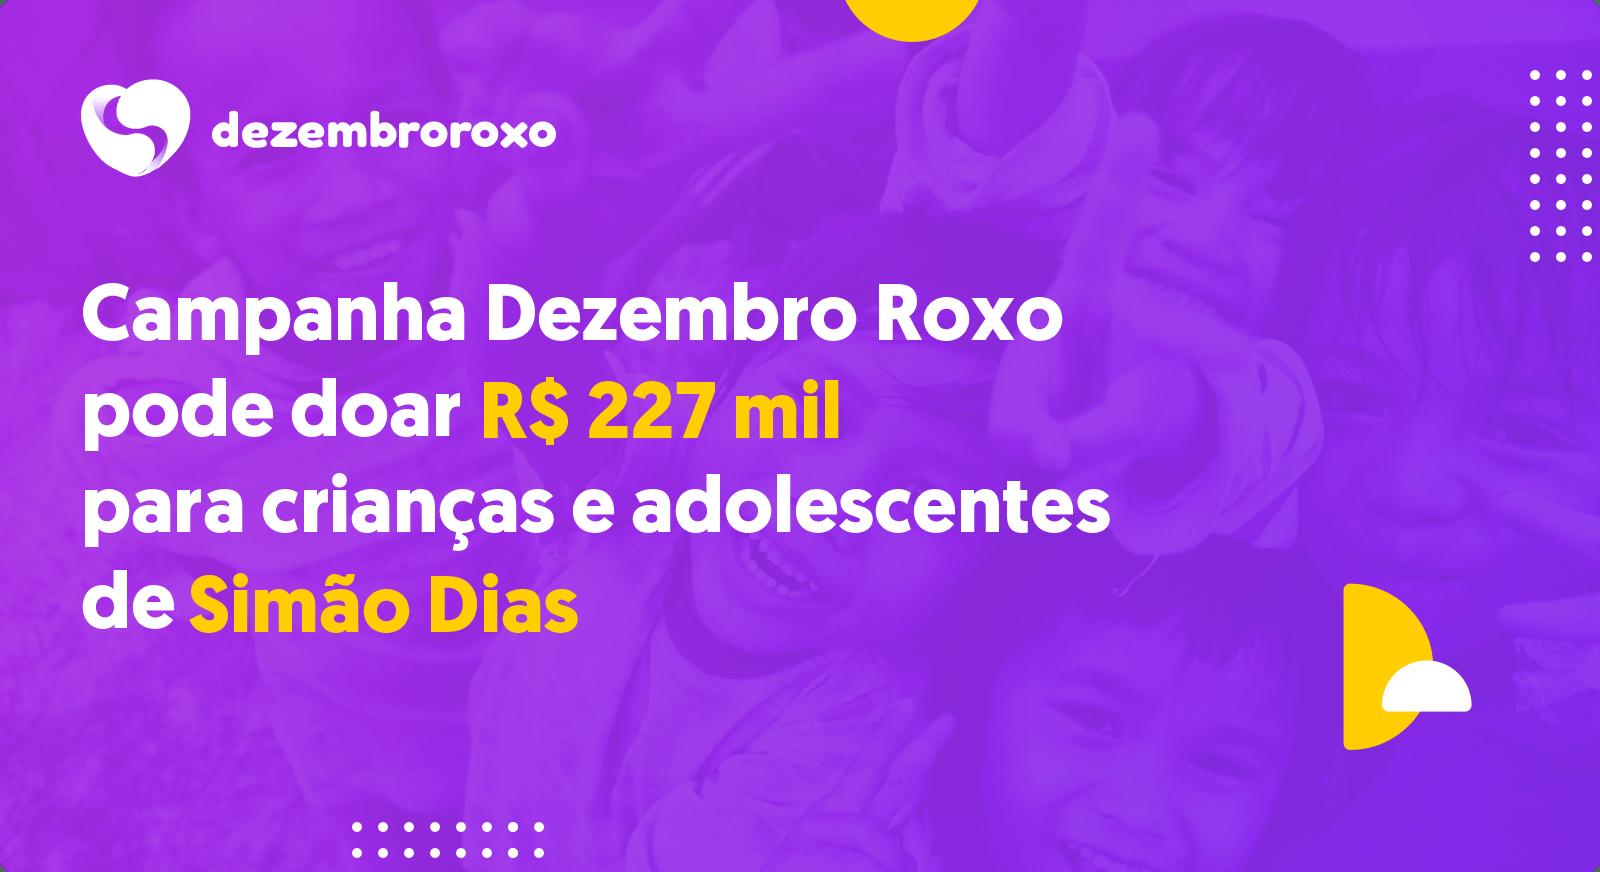 Doações em Simão Dias - SE